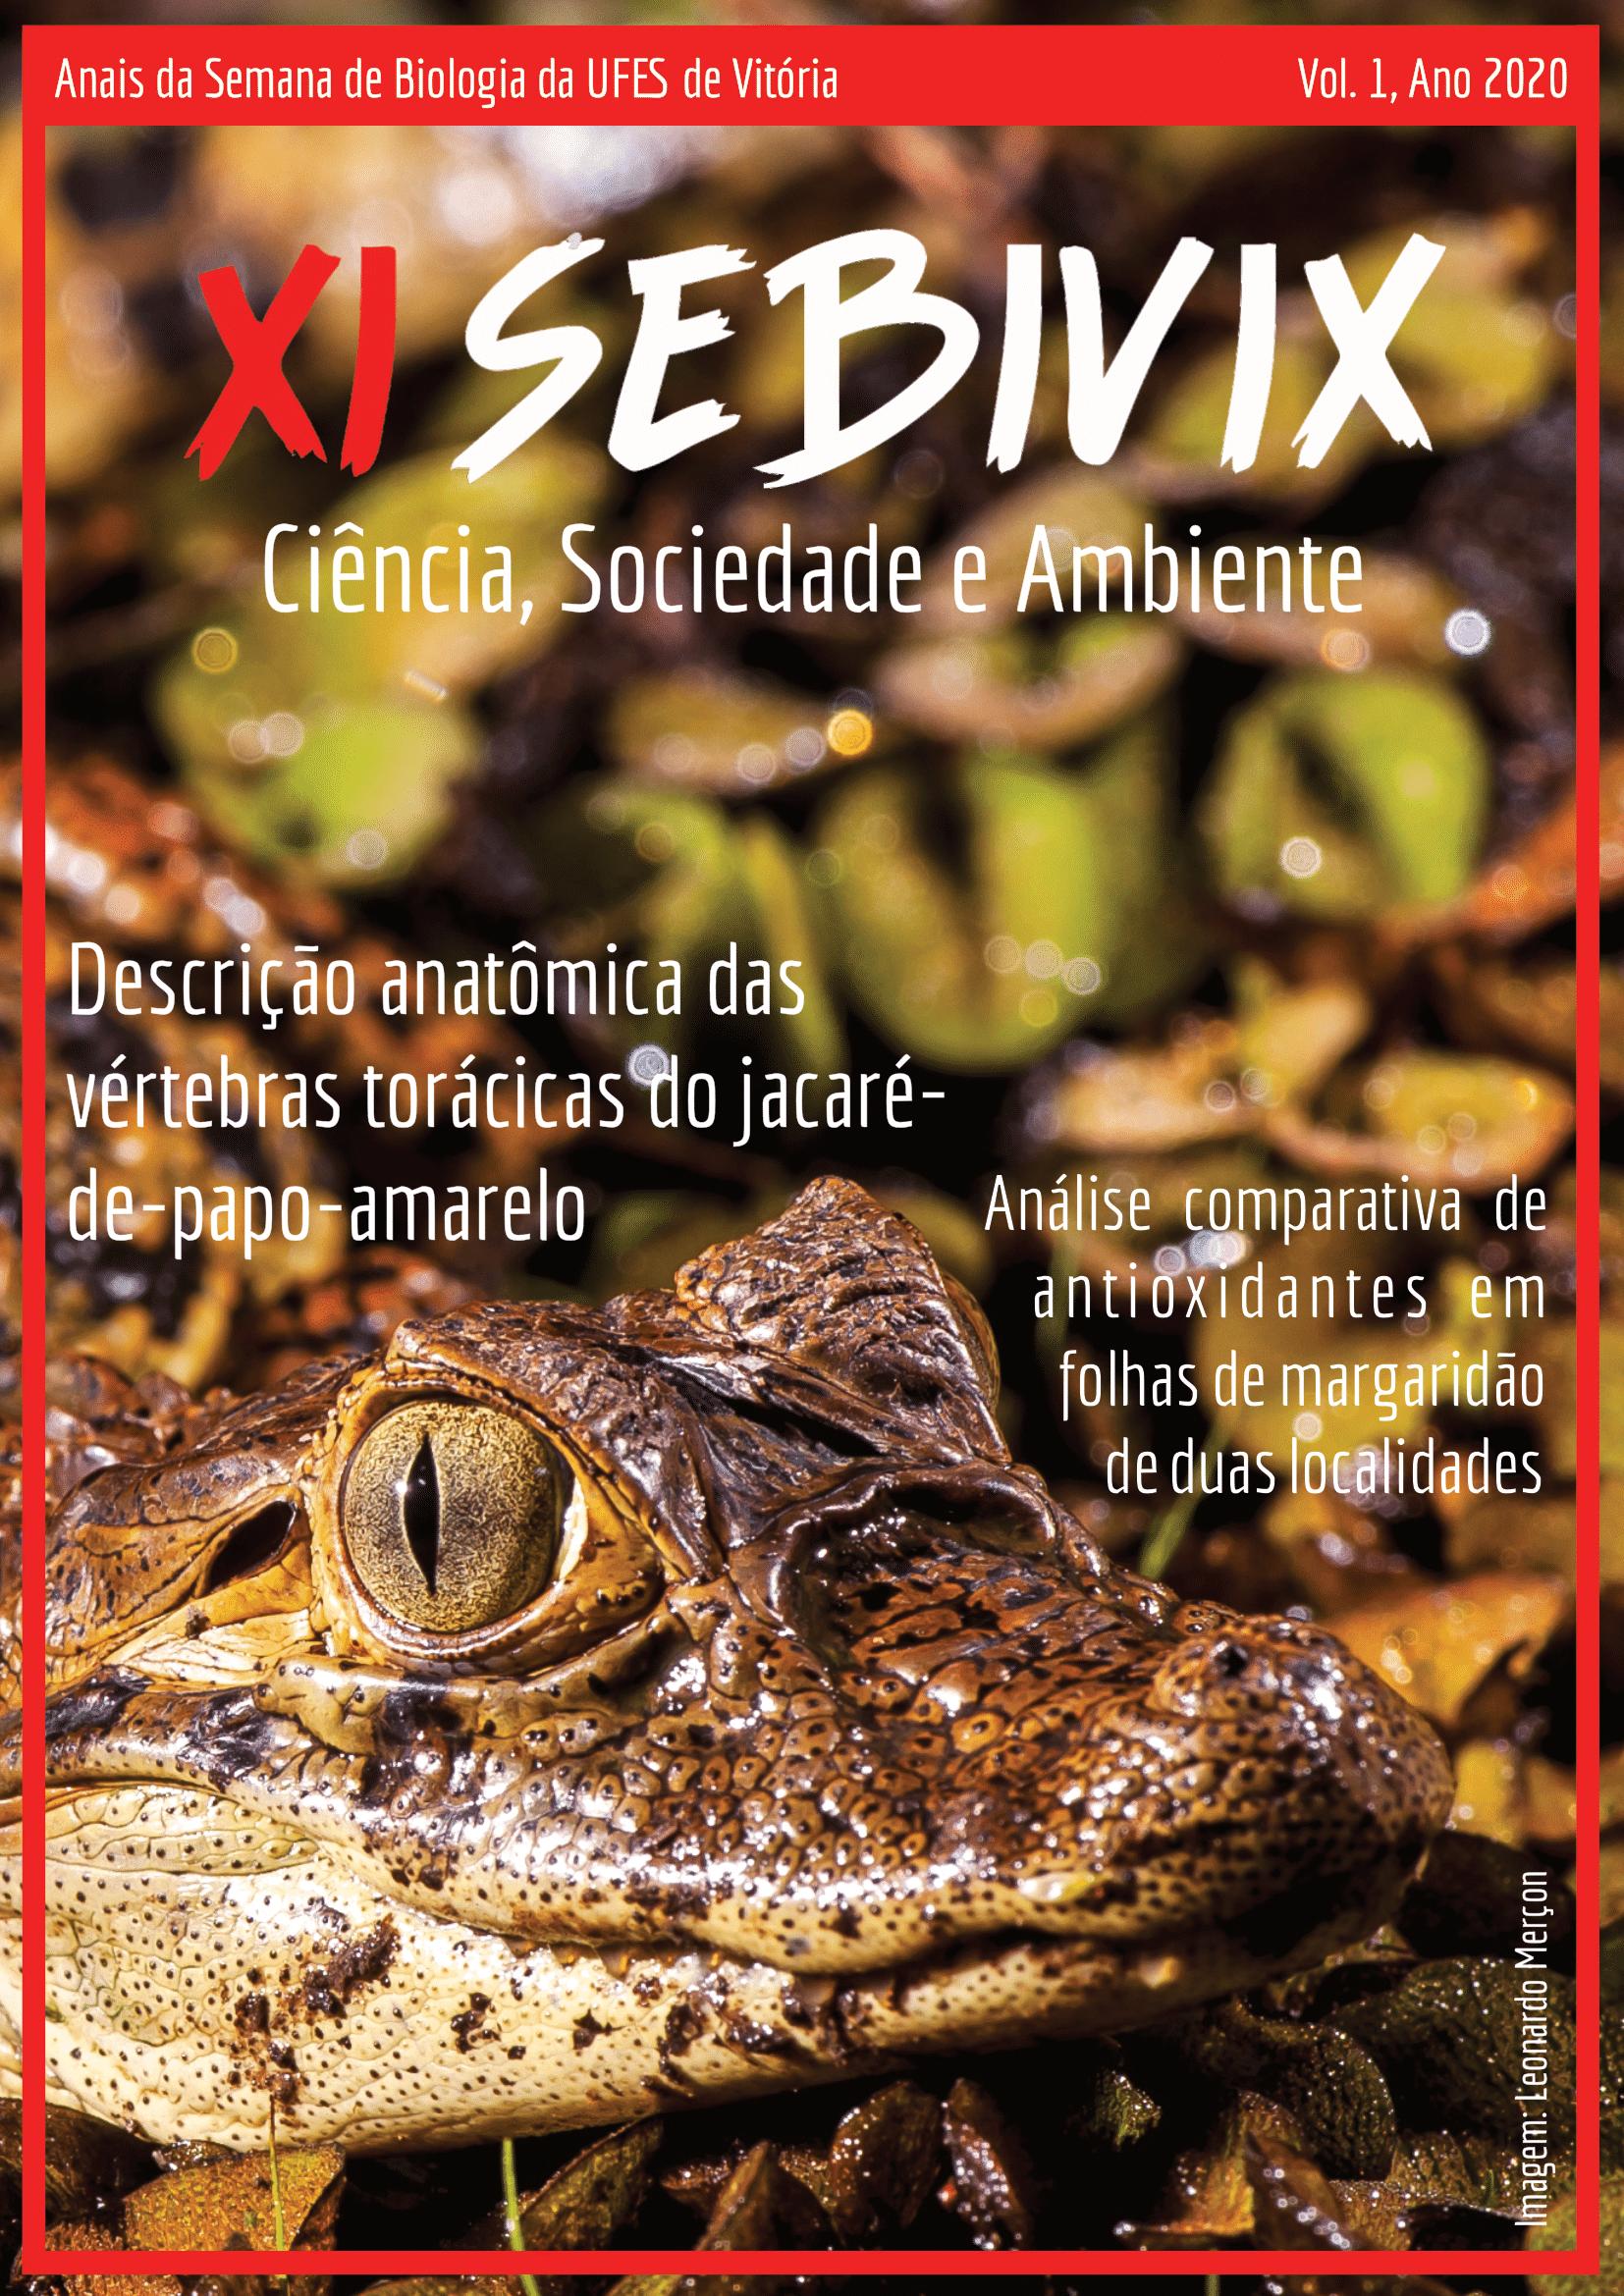 Anais da Semana de Biologia da UFES de Vitória vol. 1 (2020) Imagem: Leonardo Merçon (Instituto Últimos Refúgios)